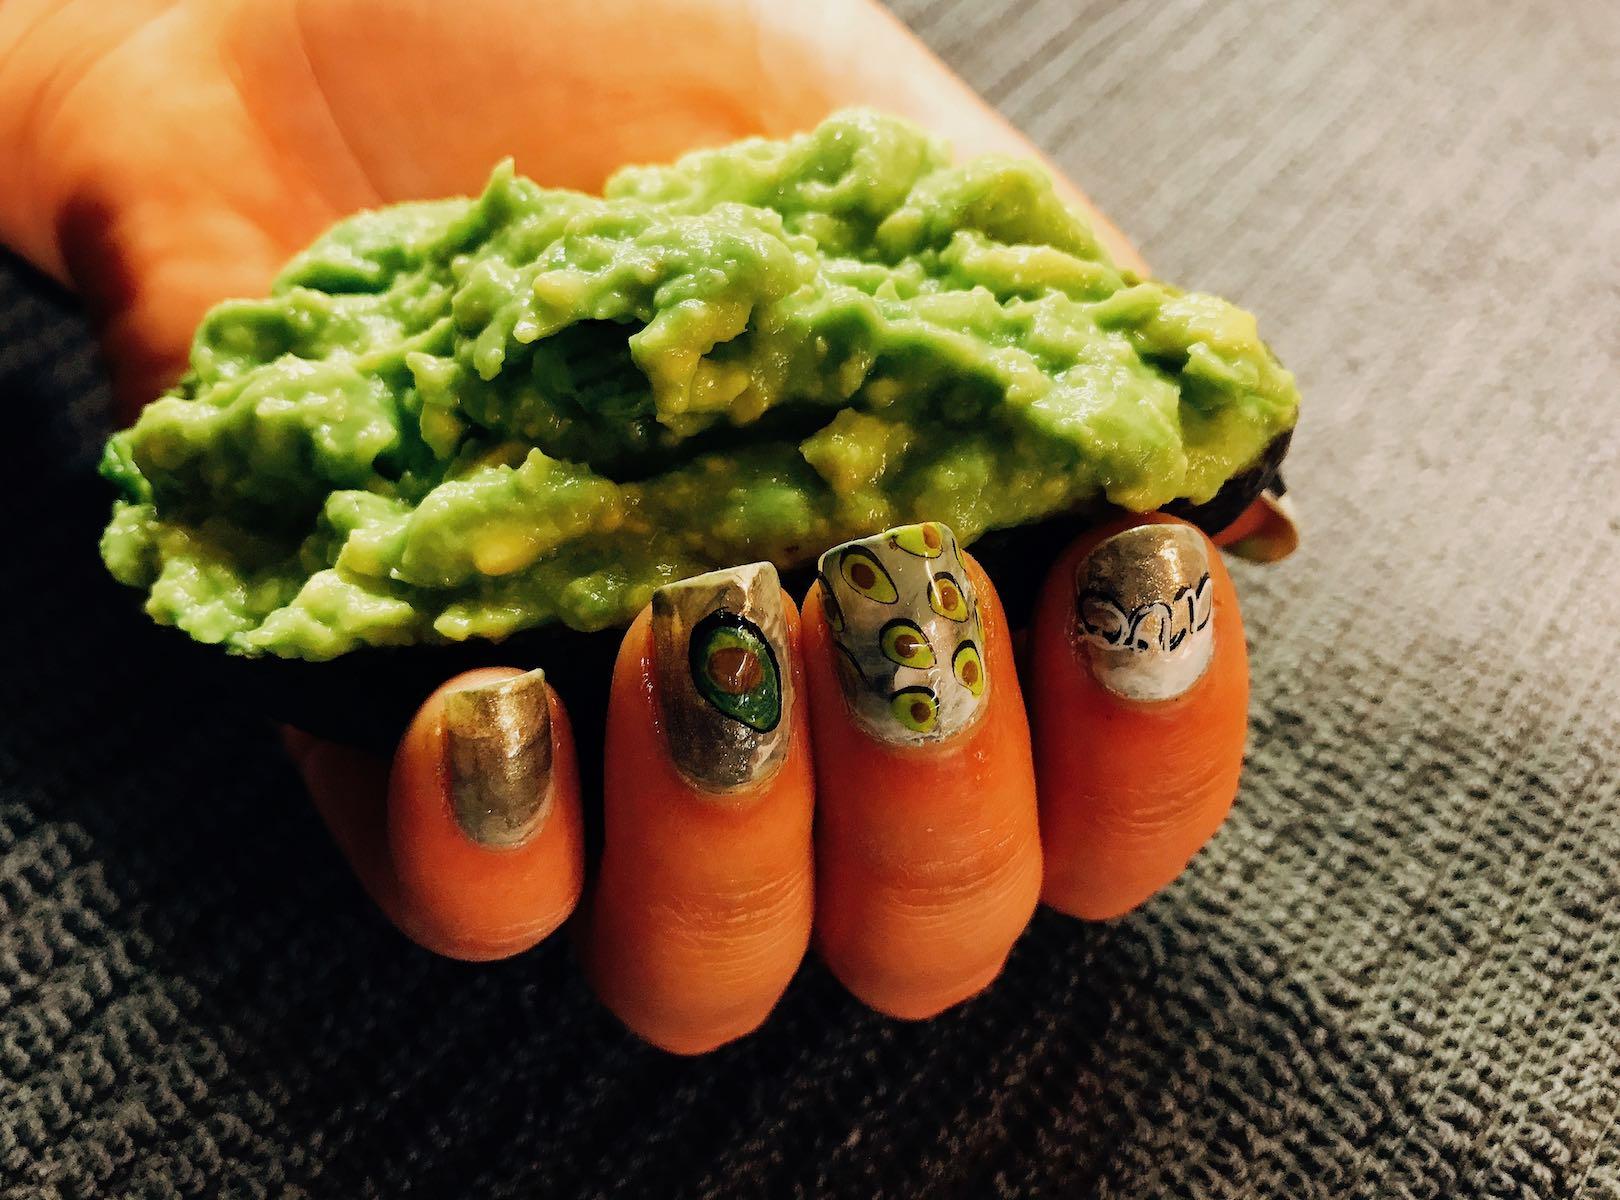 Mashed avocado with Nail art